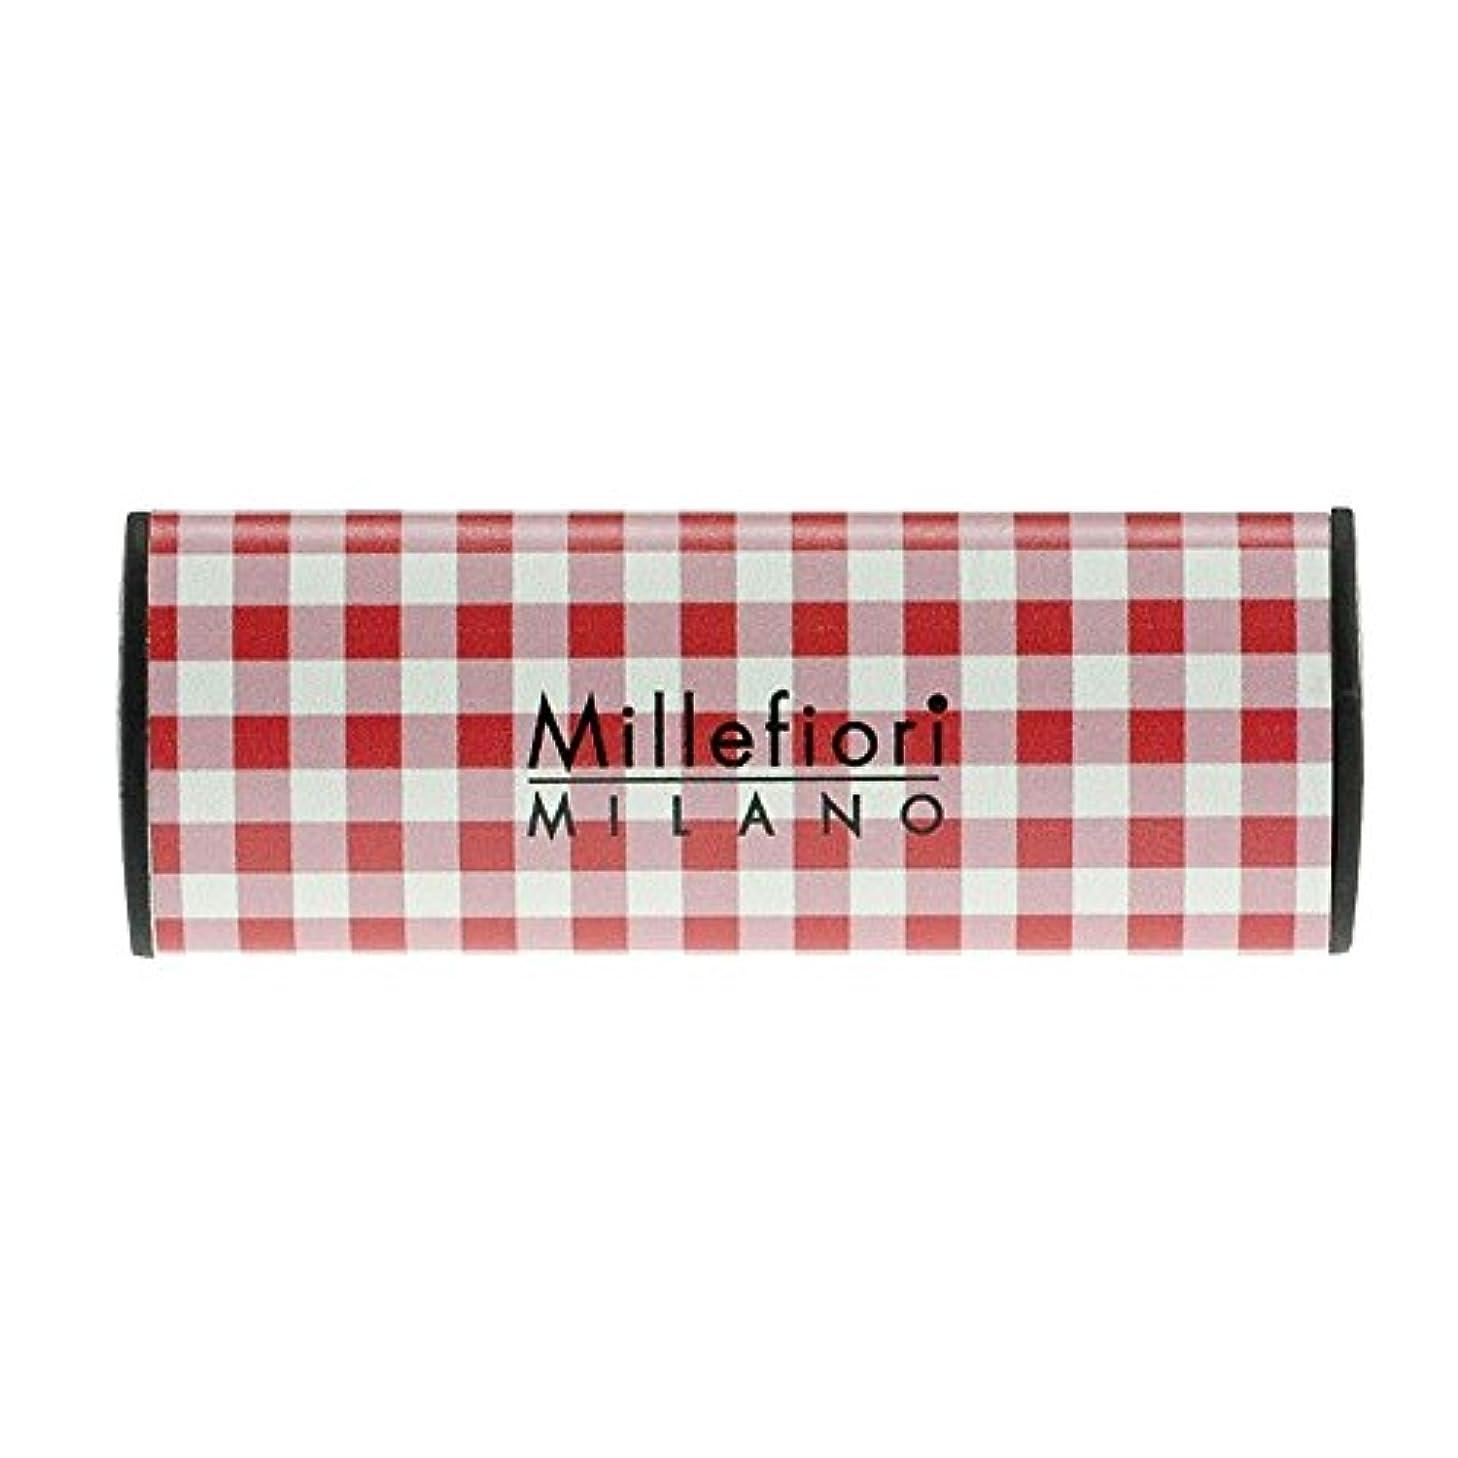 飾り羽証人争いMillefiori カーエアフレッシュナー CHECK グレープフルーツ CDIF-F-002